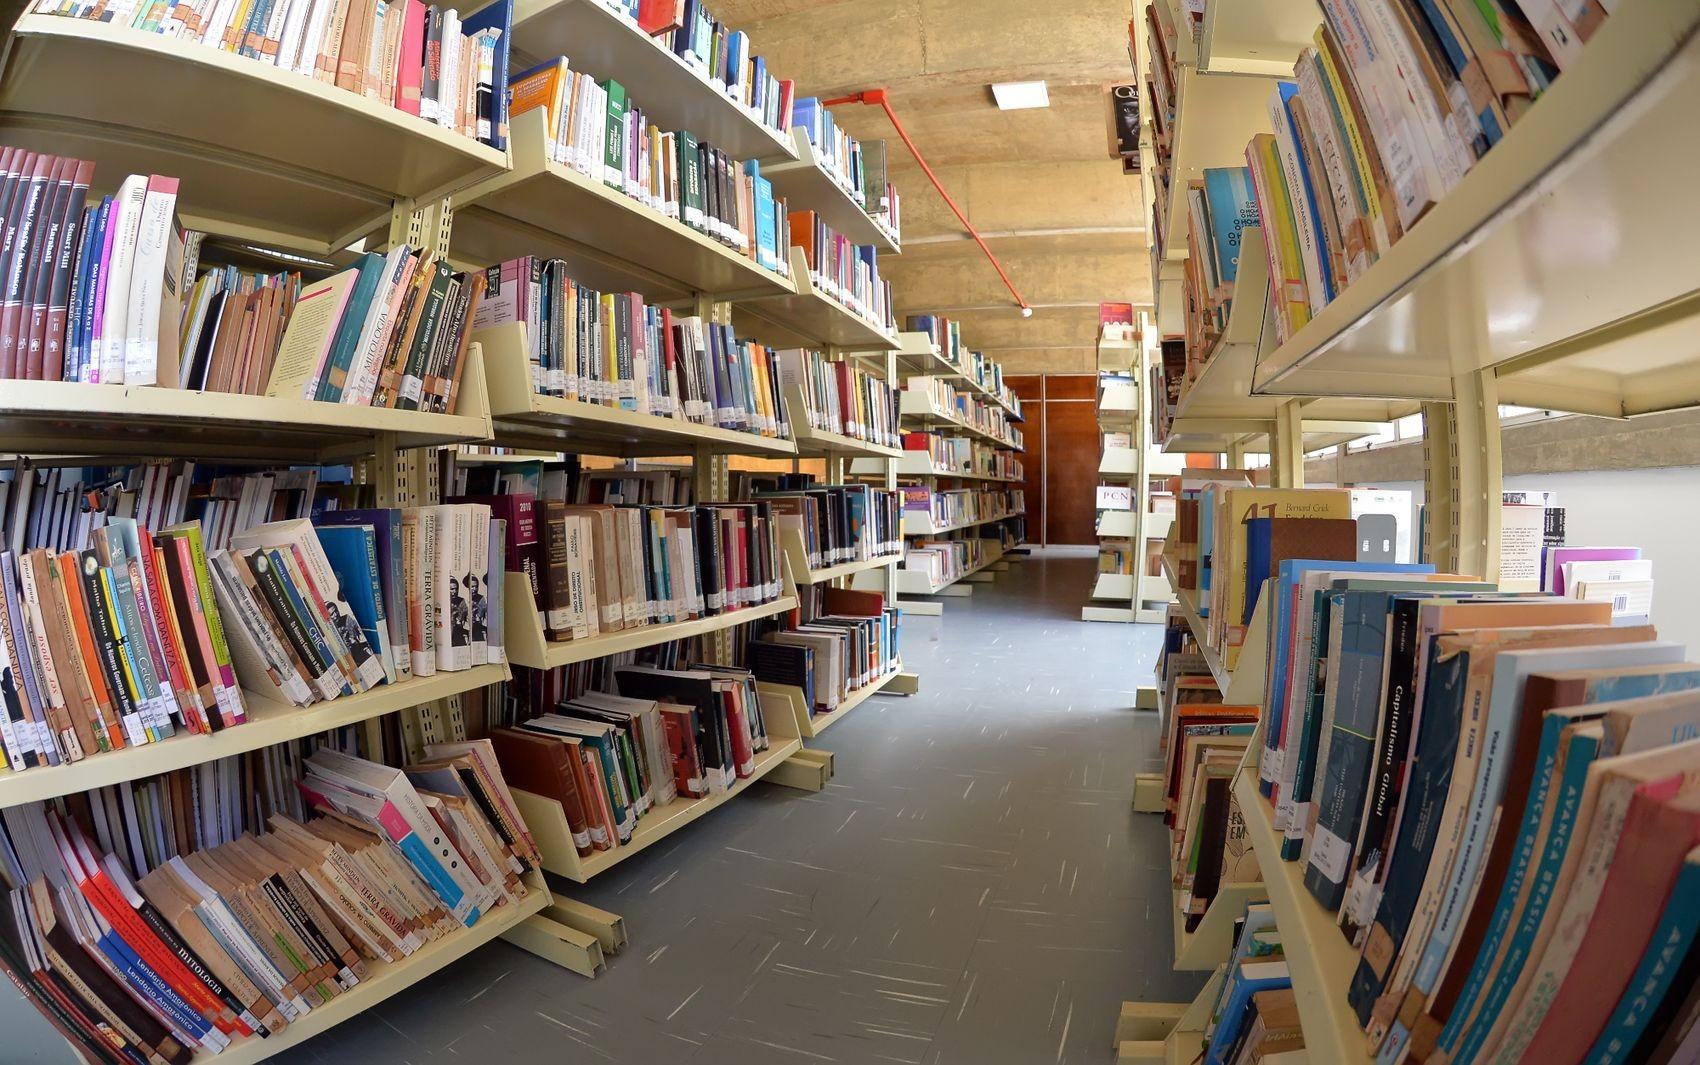 Biblioteca Pública Epiphanio Dória realiza atividades culturais neste sábado - Notícias - Plantão Diário